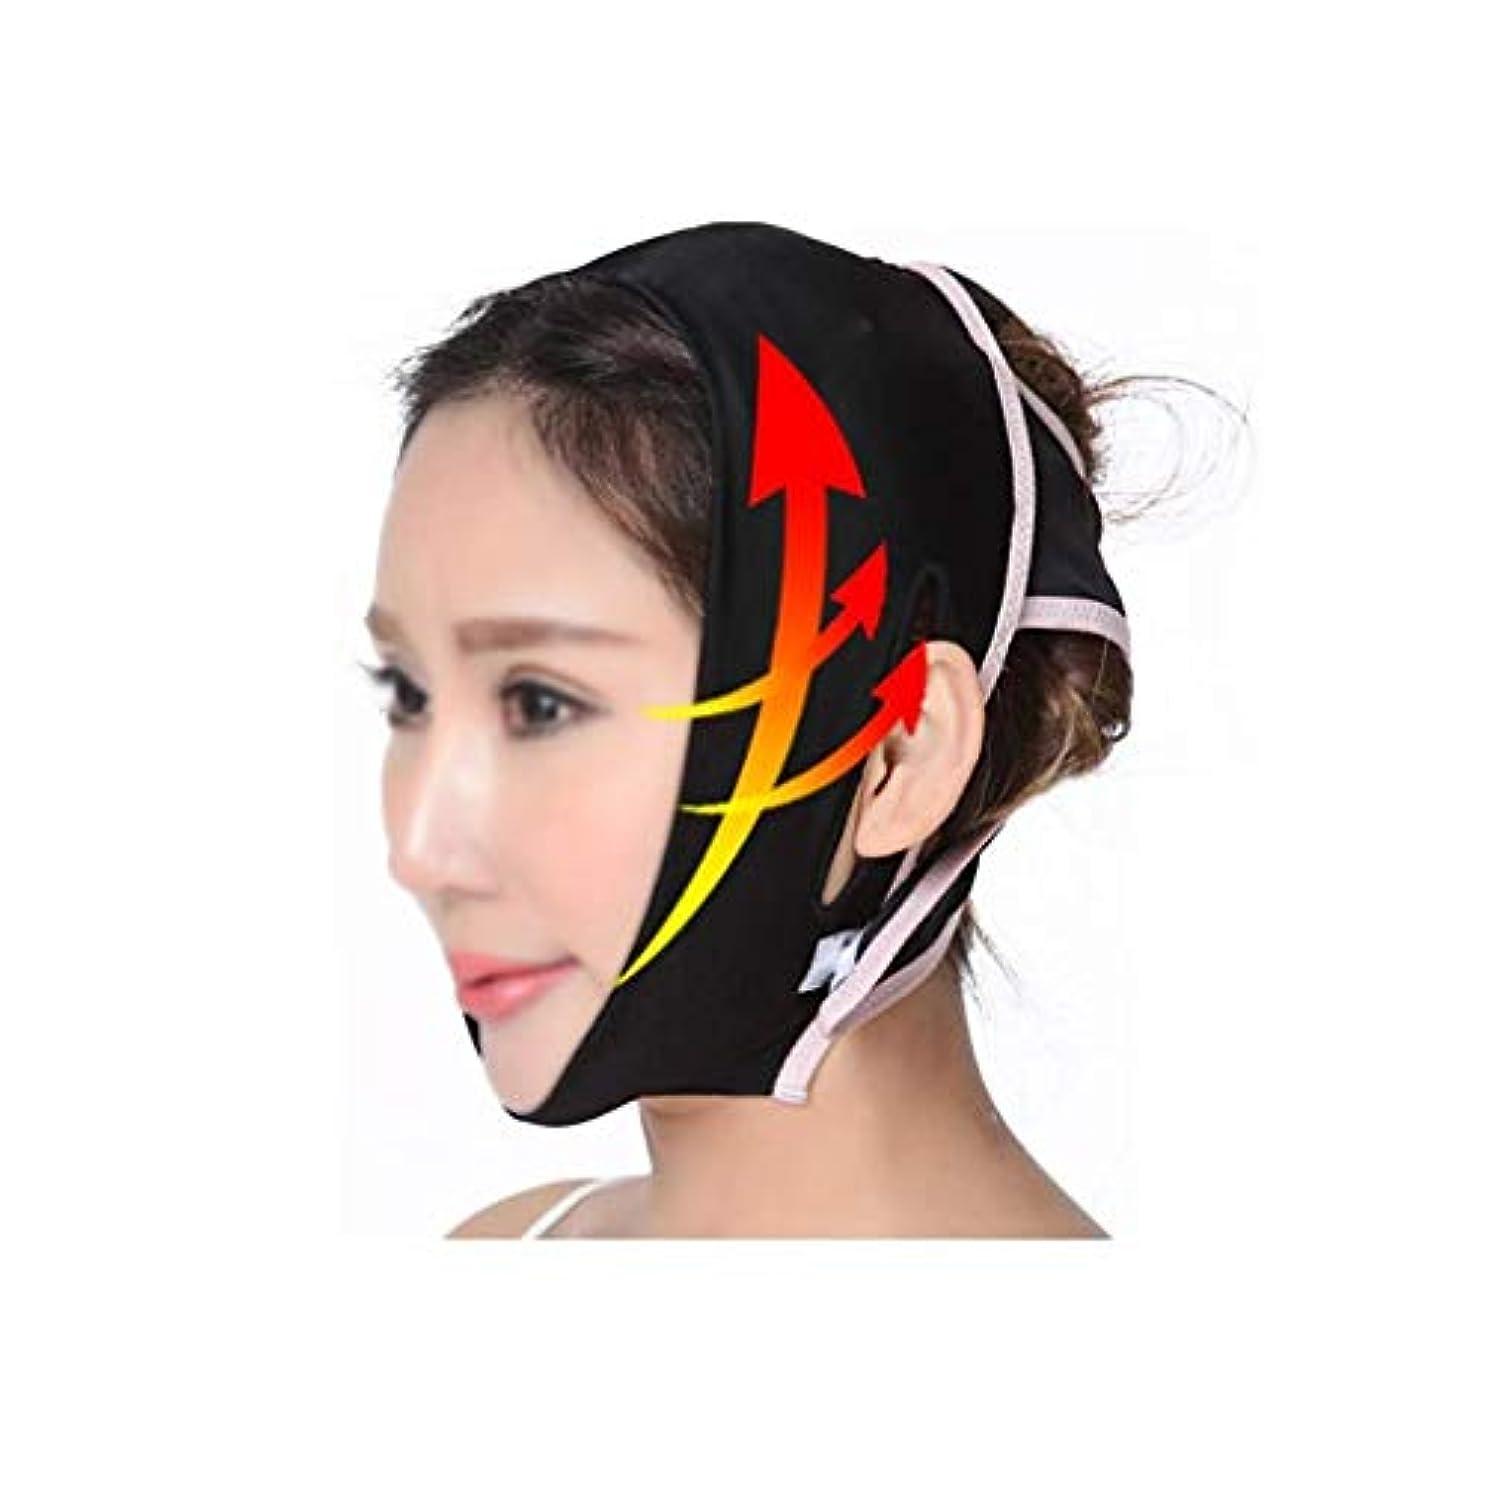 概要柔らかい飲食店フェイスリフトマスク、フェイシャルマスク睡眠顔形成顔包帯顔リフティングV顔顔アーティファクト回復通気性ネックストラップ(サイズ:L)